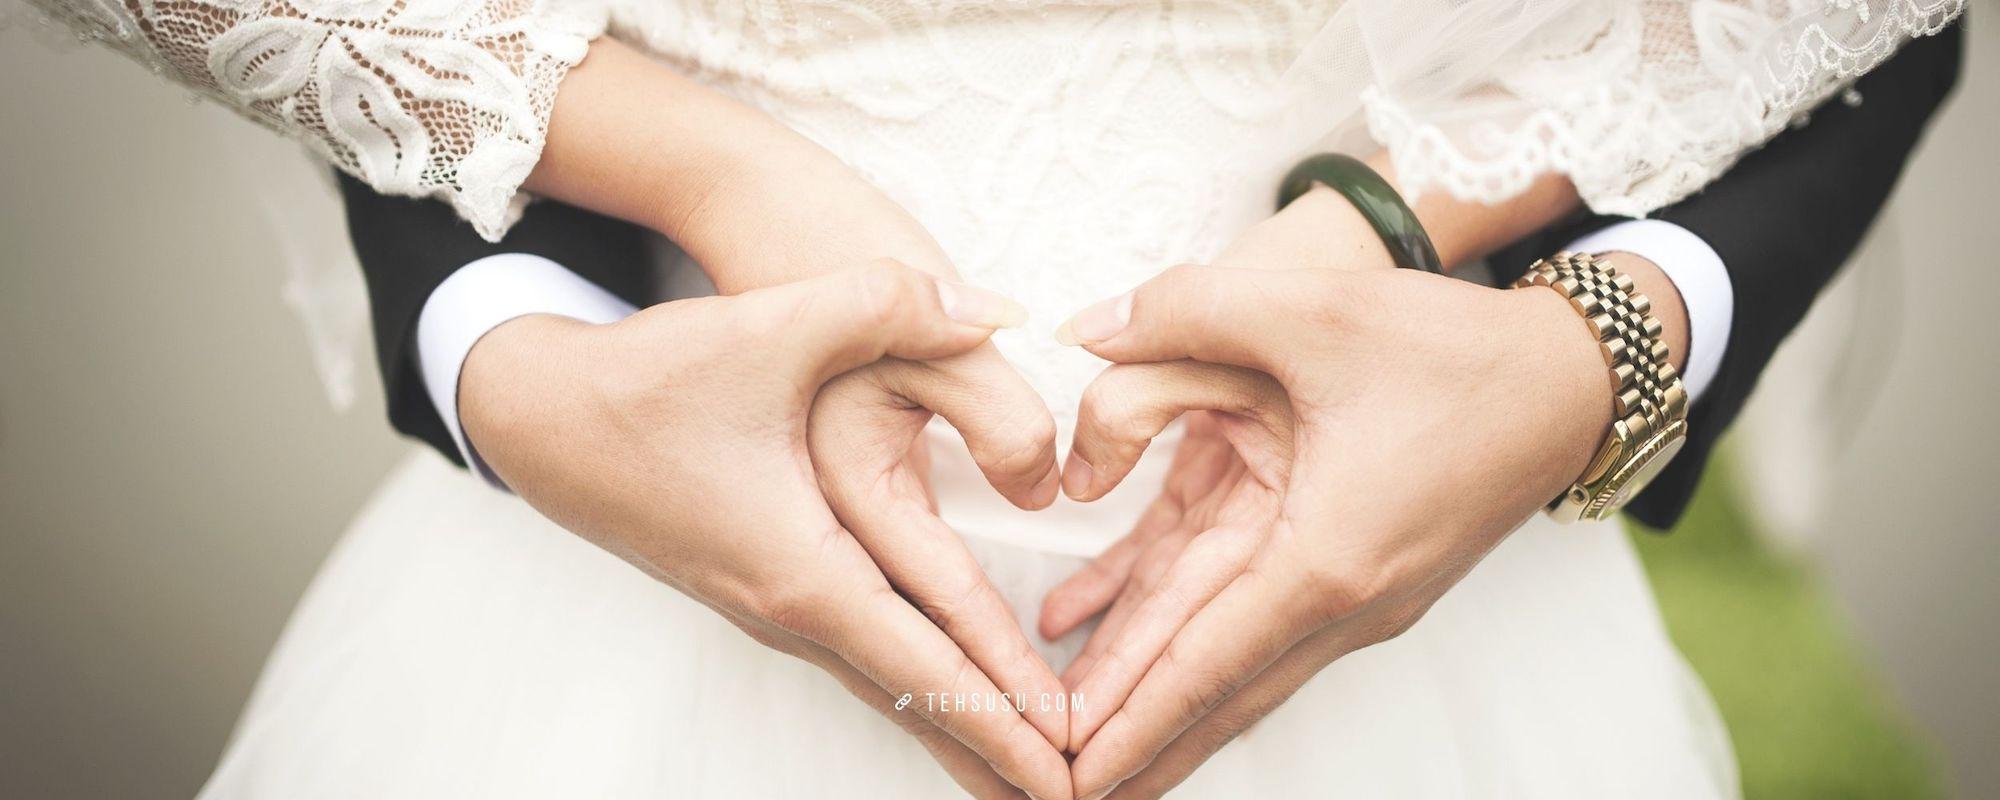 Tips Fotografi: Persiapan Sebelum Melakukan Foto Pernikahan